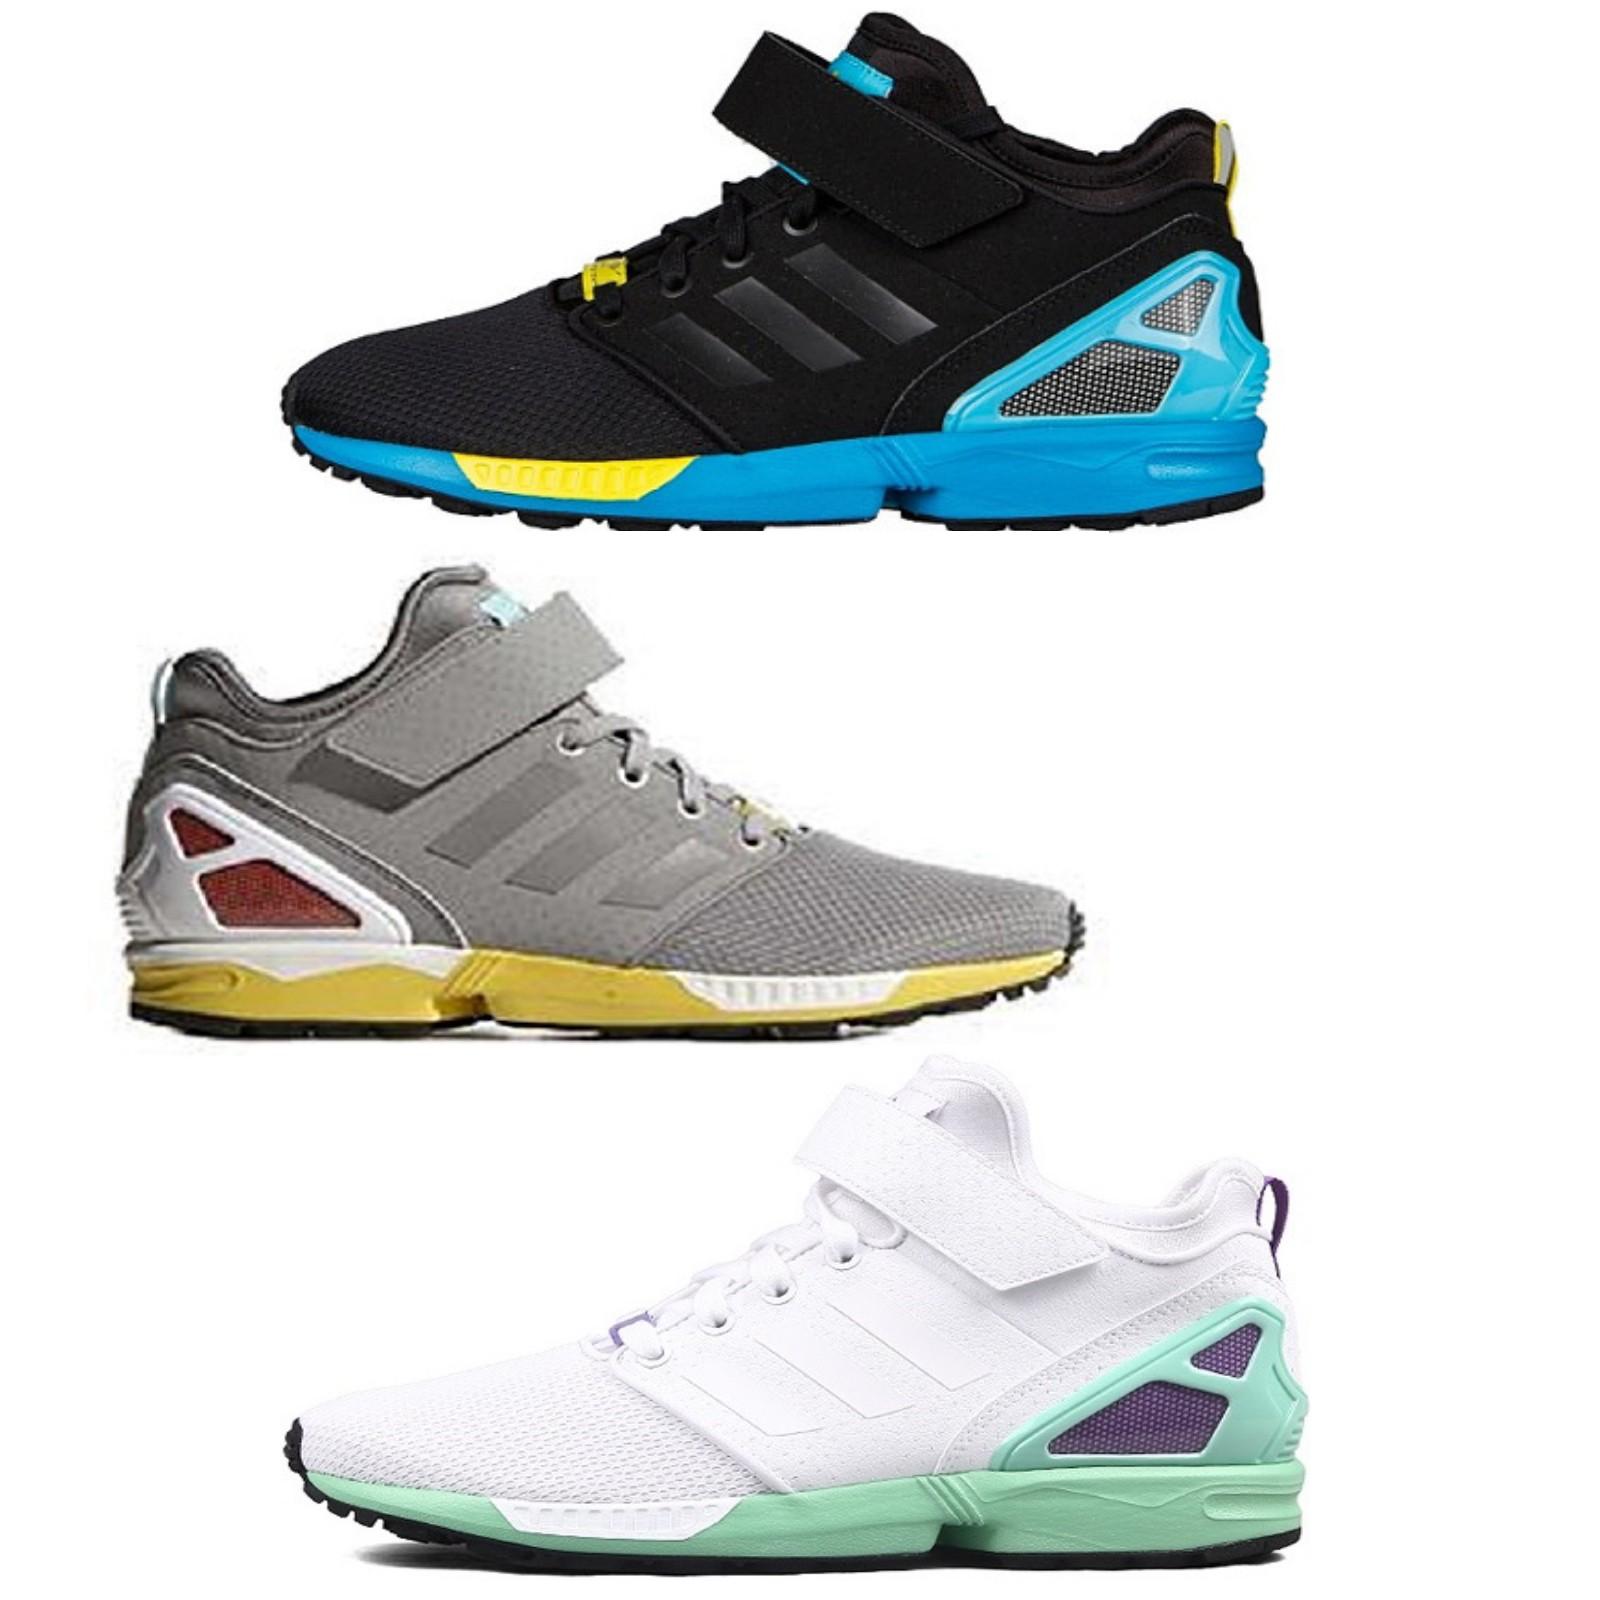 Adidas Torsion Zx Flux Nps Mid 8000 40-49 Nouveau 110€ 750 9000 Adizero Adipure pg9nW